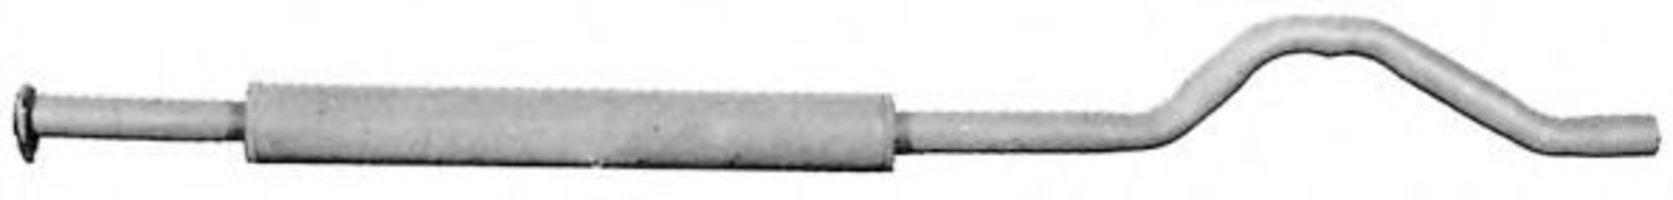 Средний глушитель выхлопных газов IMASAF 191306